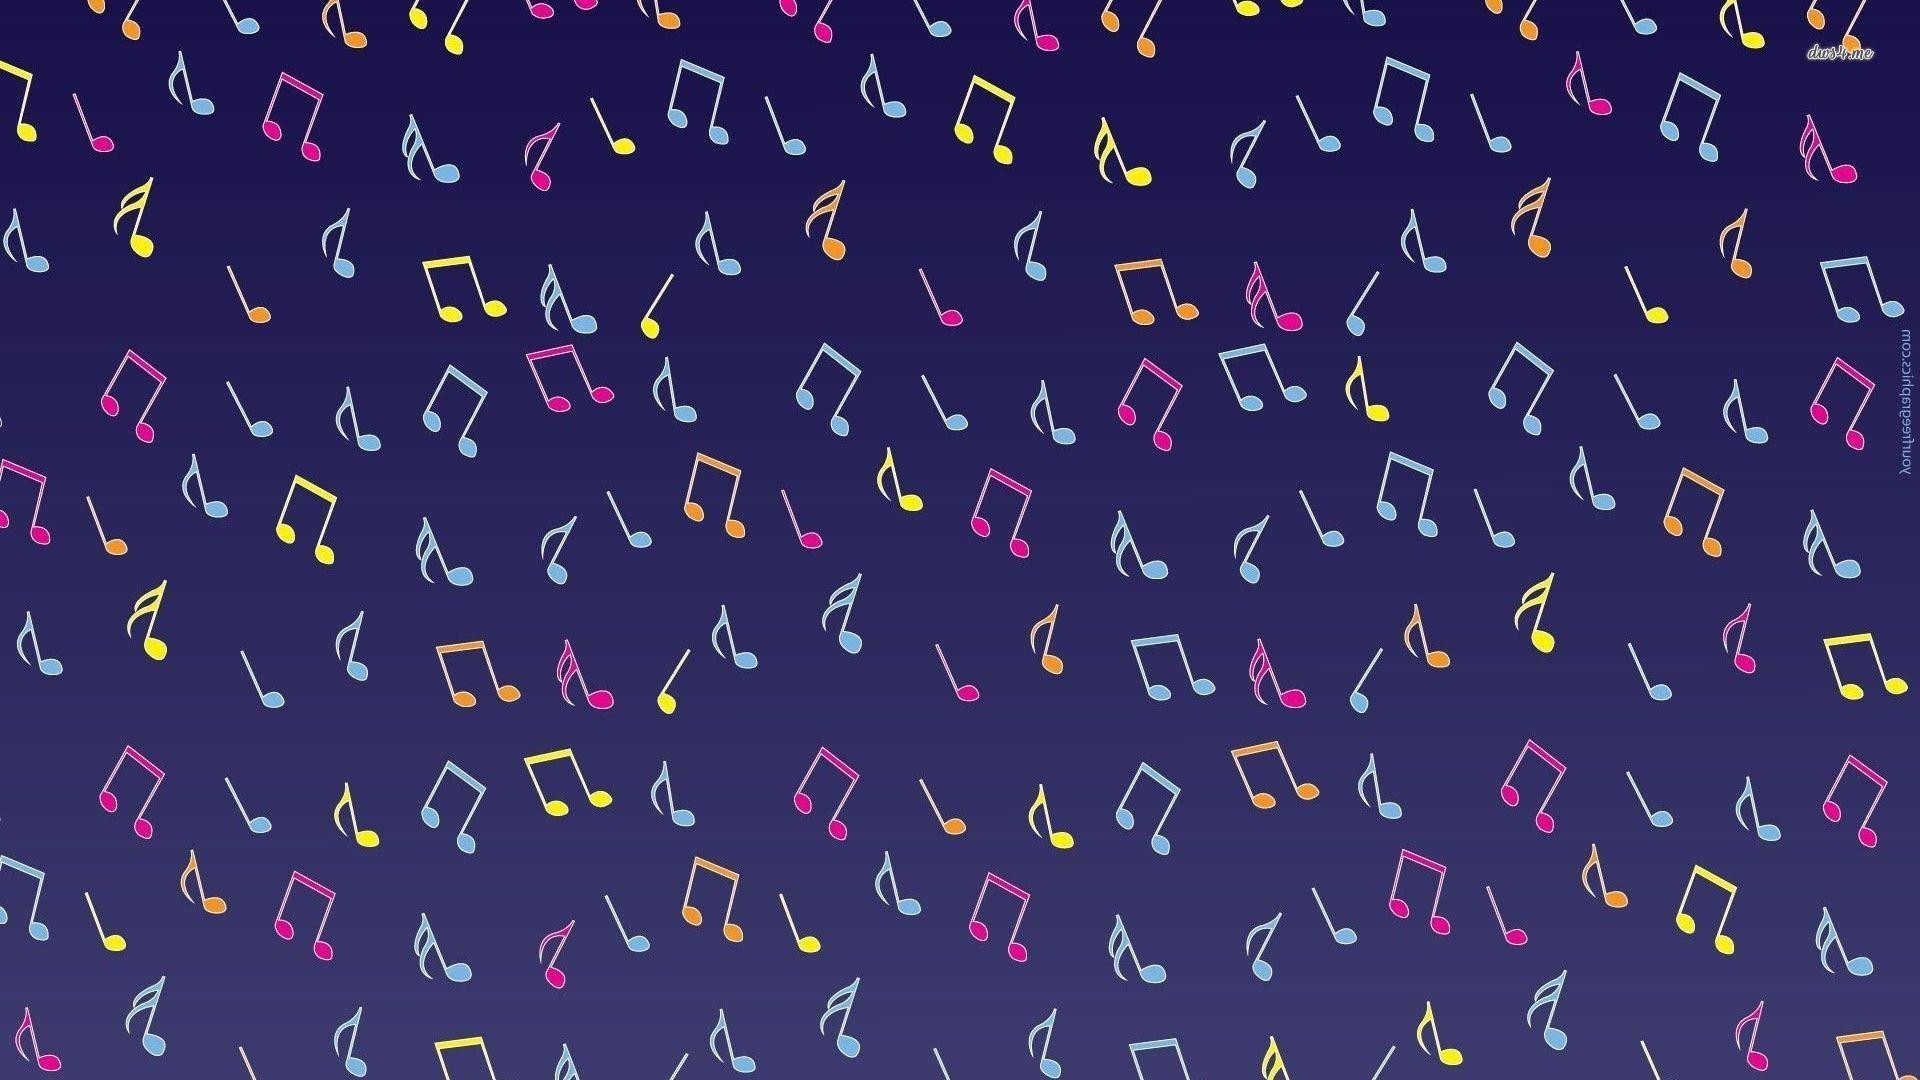 Music Note Wallpapers – WallpaperSafari